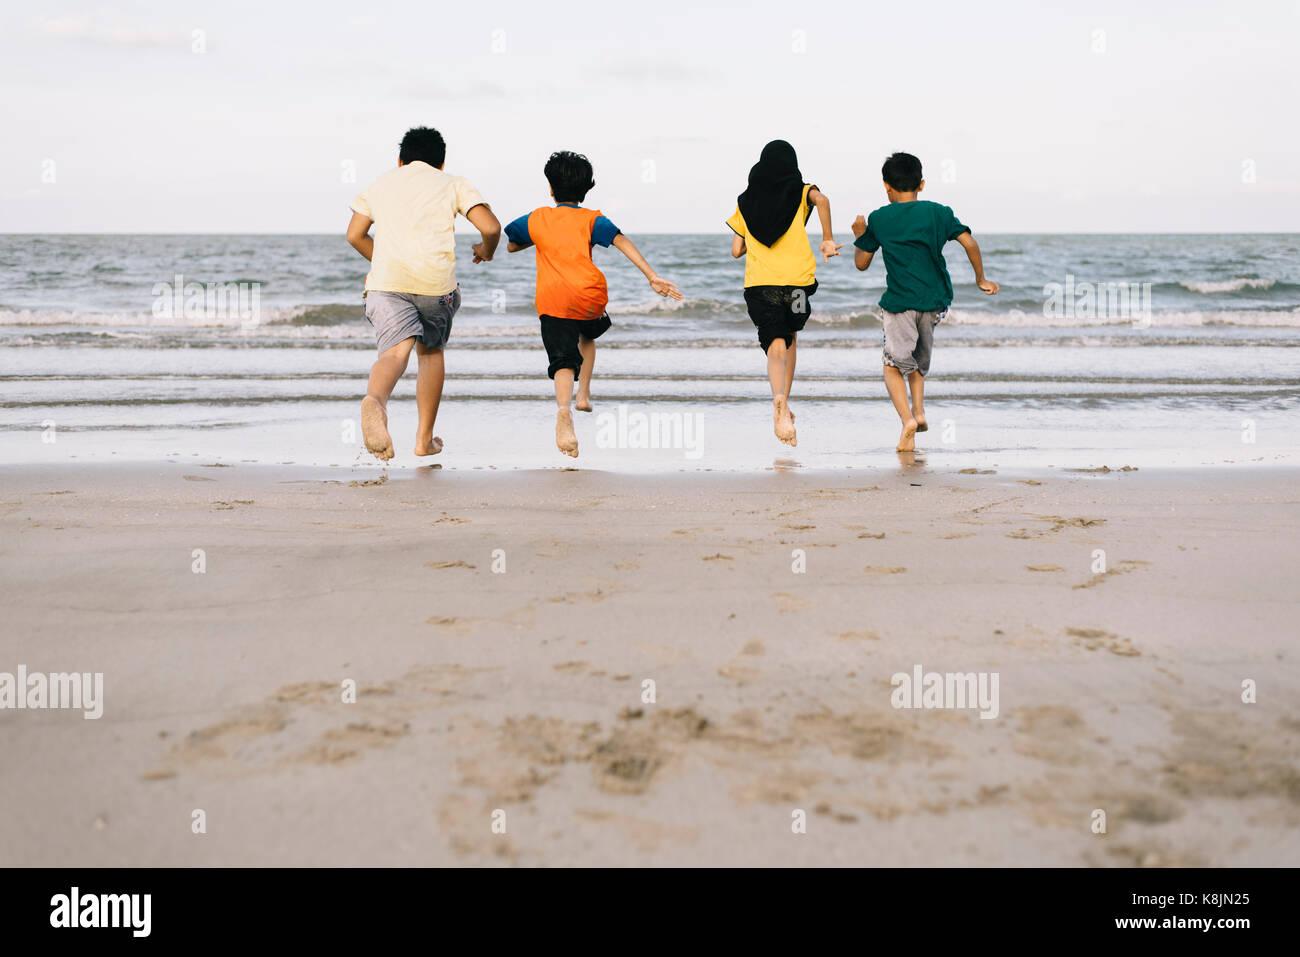 Bambini running presso la spiaggia insieme.amicizia concetto.Concetto di famiglia.il concetto di vacanza Immagini Stock